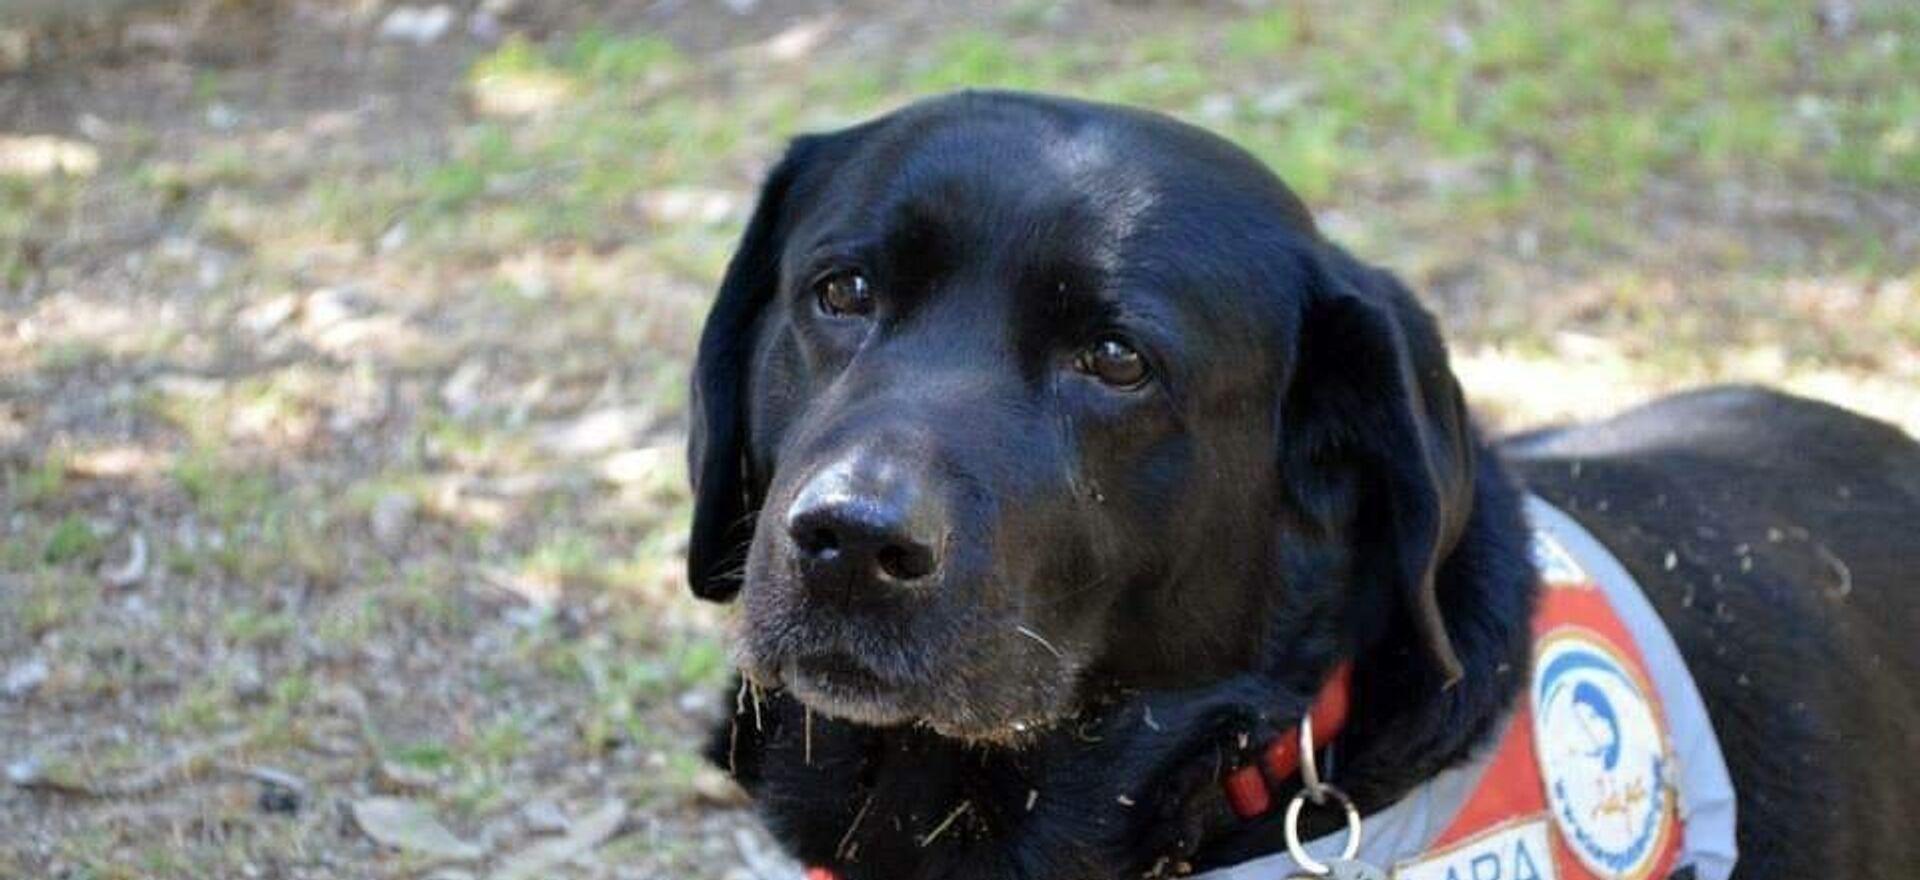 Πέθανε ο πρώτος σκύλος – οδηγός τυφλών στην Ελλάδα - Sputnik Ελλάδα, 1920, 27.03.2019